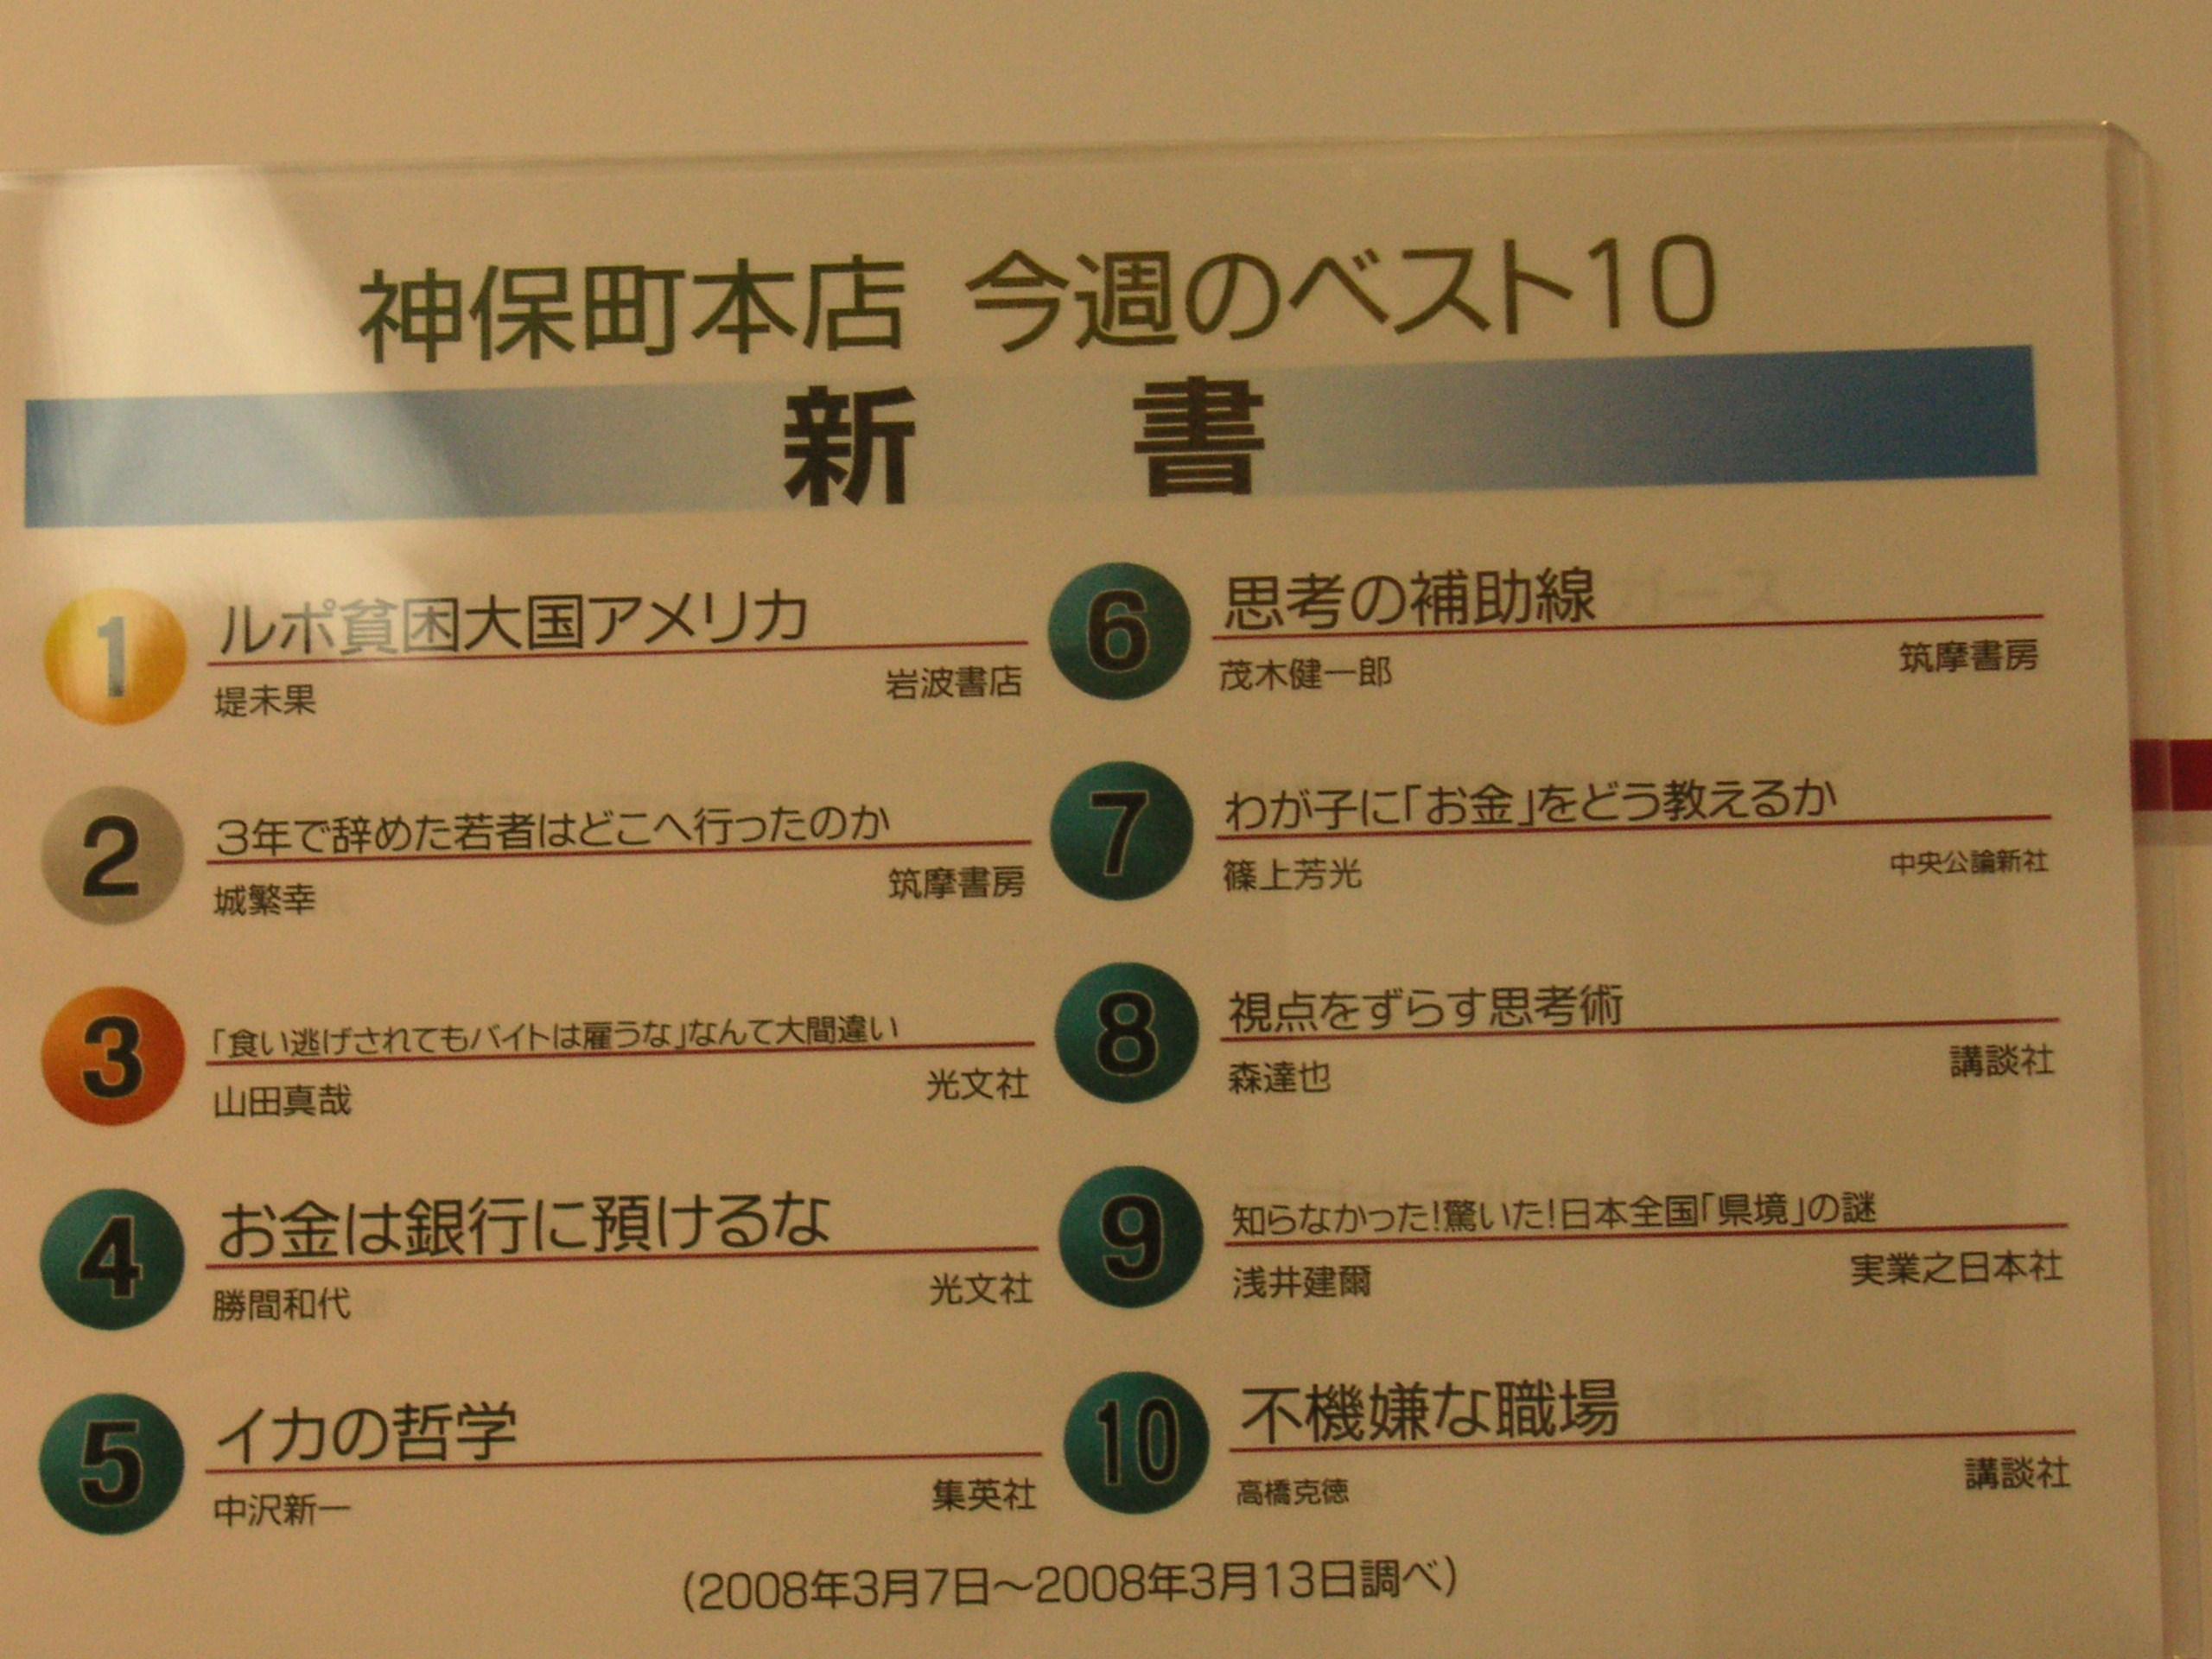 大学受験問題・大学受験公開模試の本文にも引用されました。第7位です。